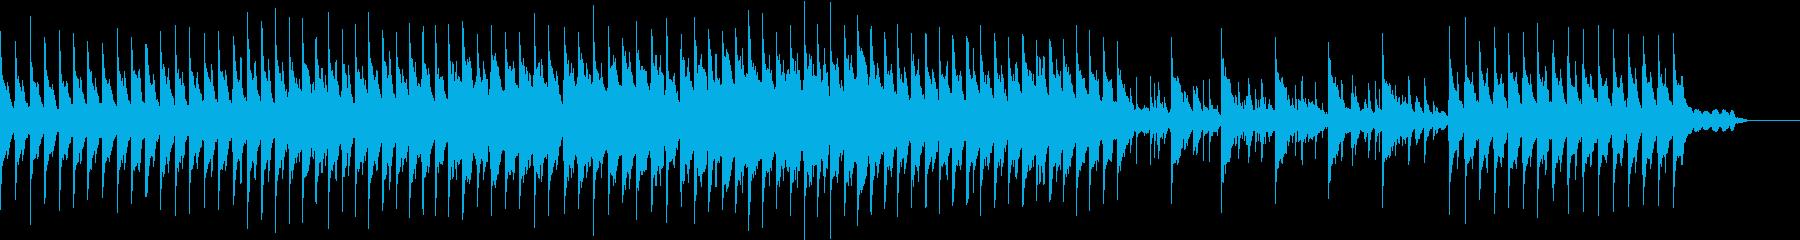 古代伝承を語るイメージのサウンドトラックの再生済みの波形